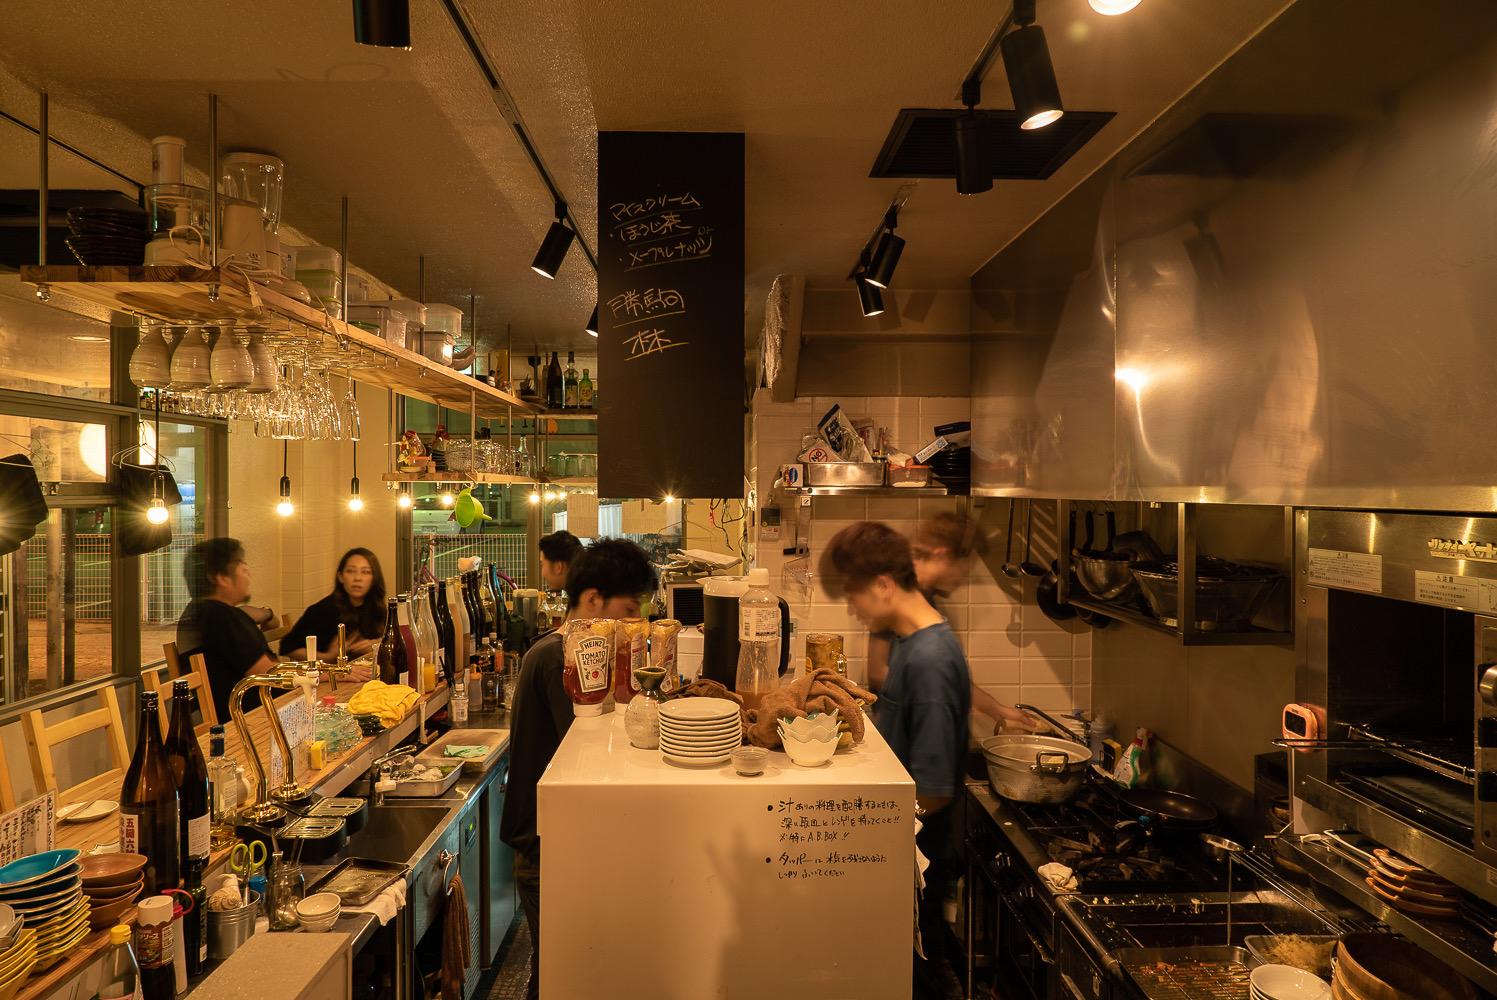 上野さんが担当した富山市総曲輪の飲食店「笑色」。